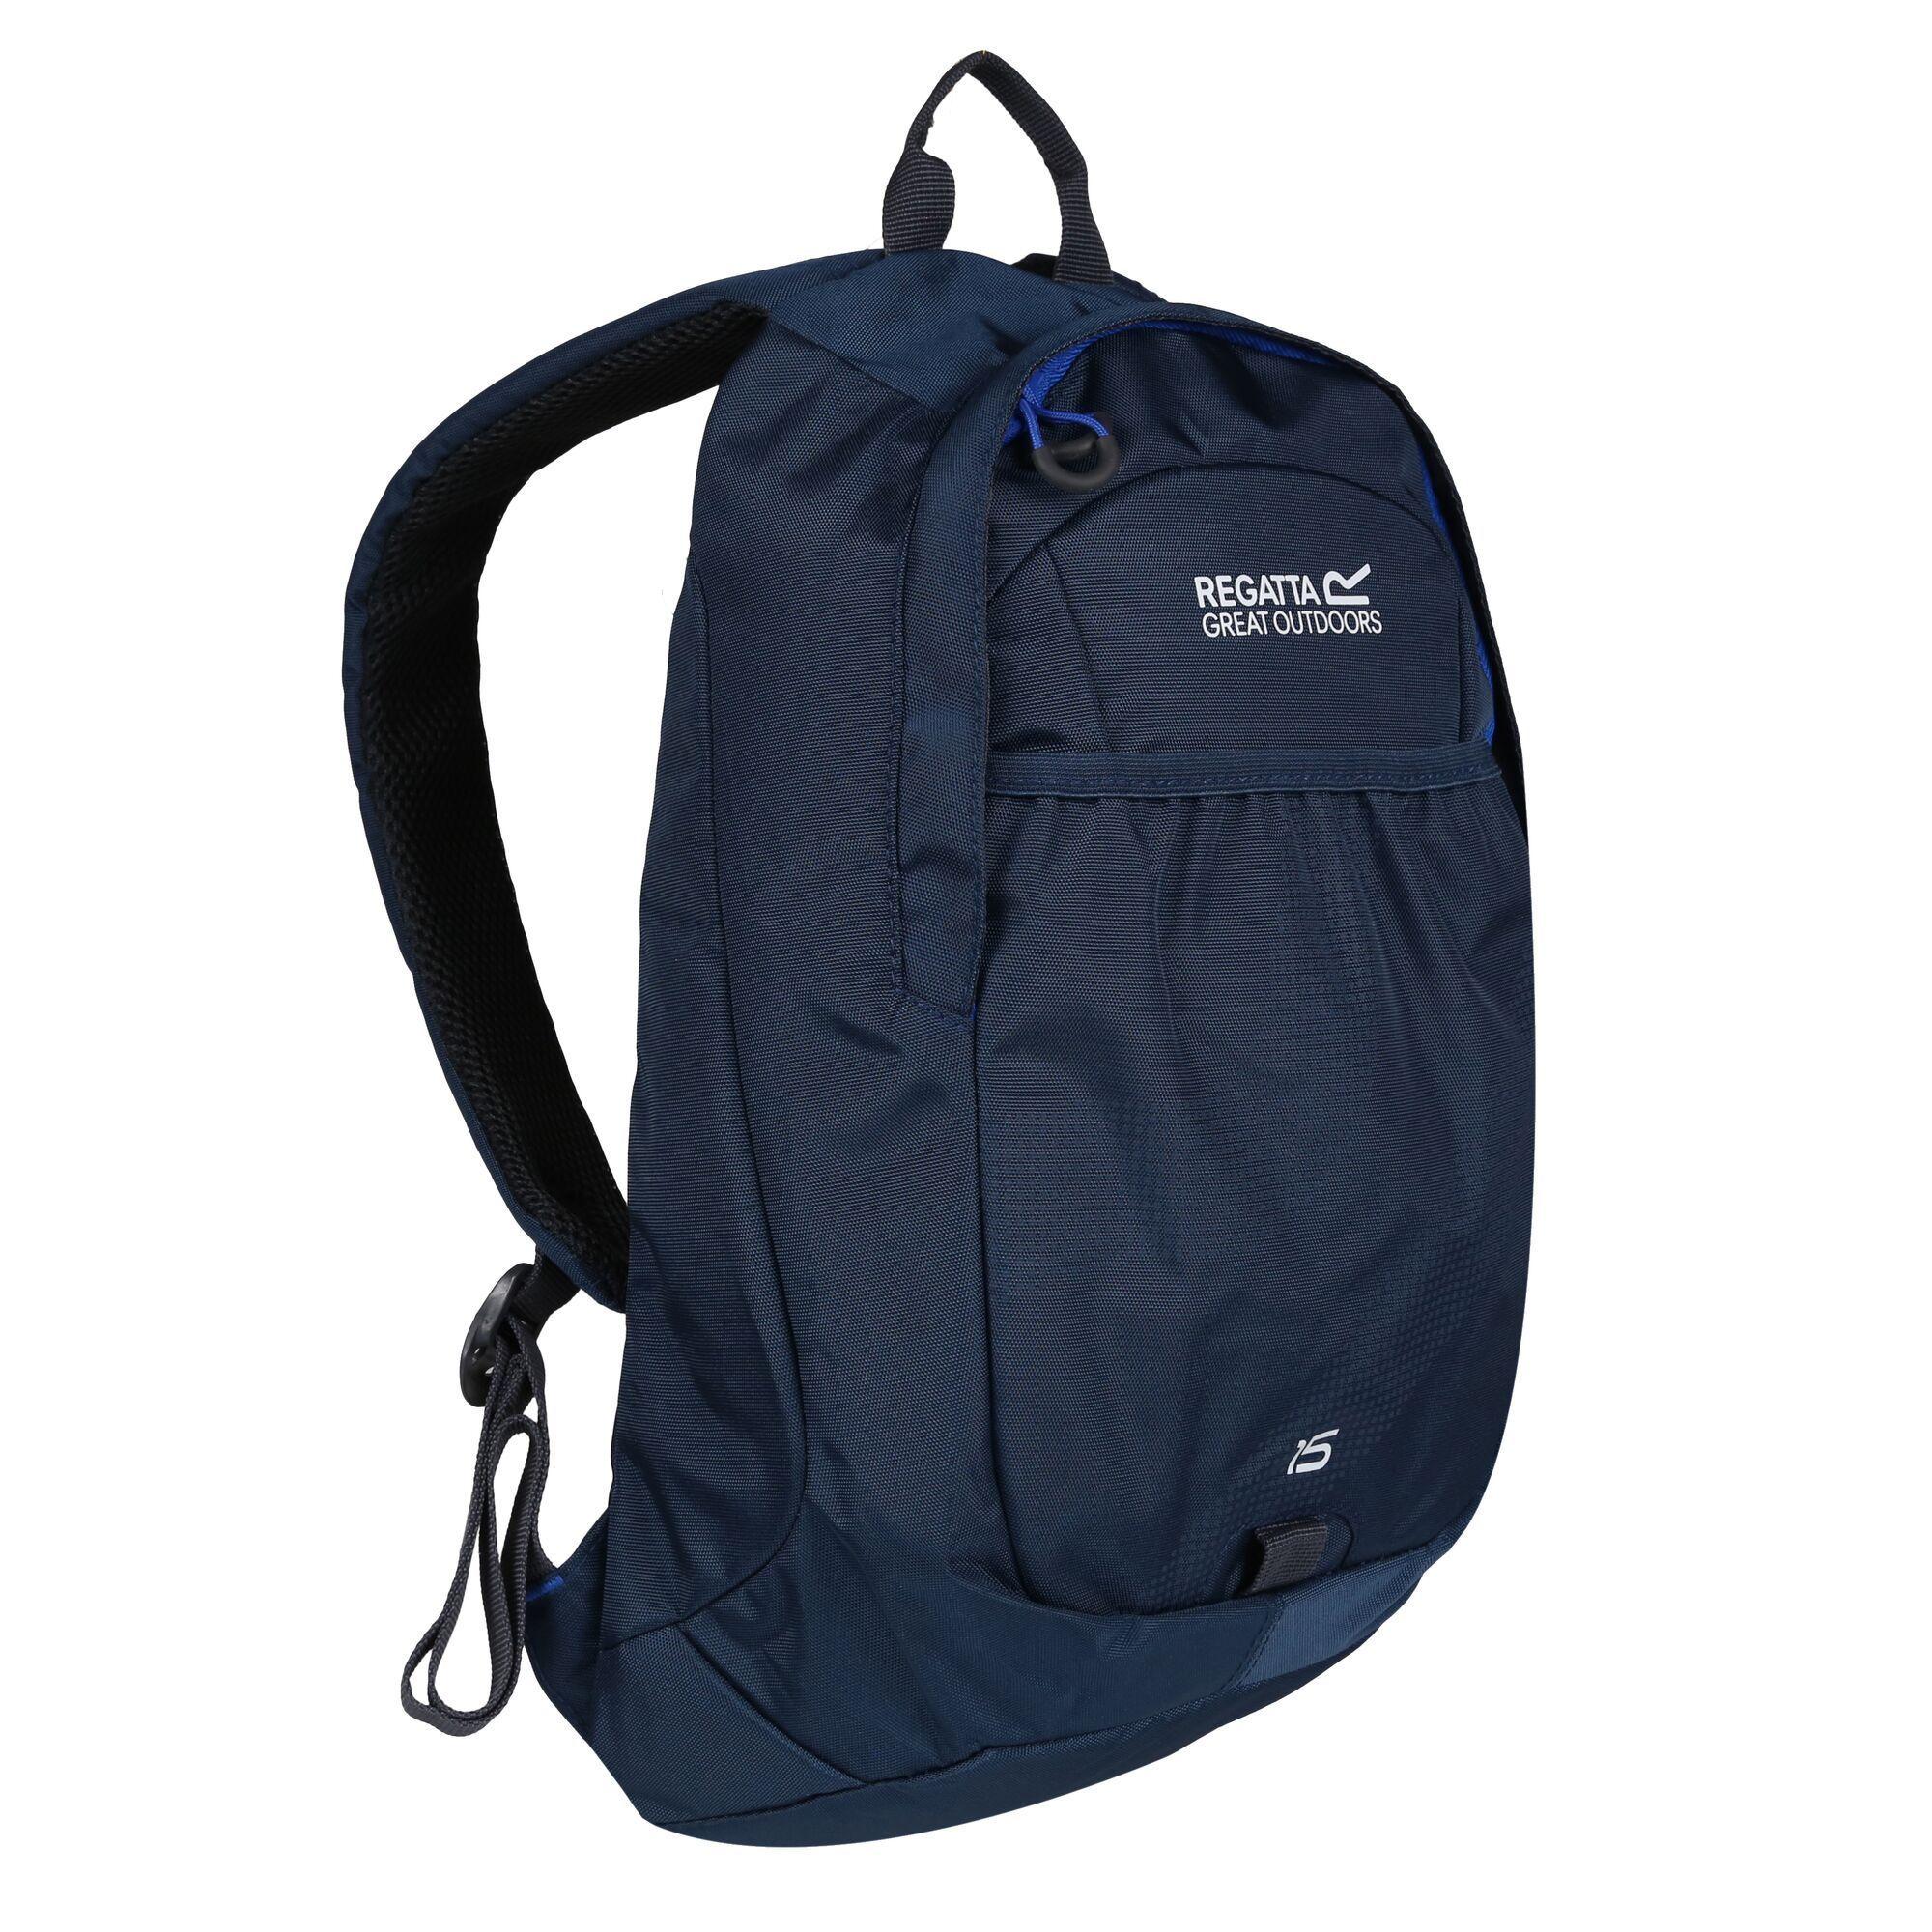 Regatta 15 Litre Bedabase II Backpack